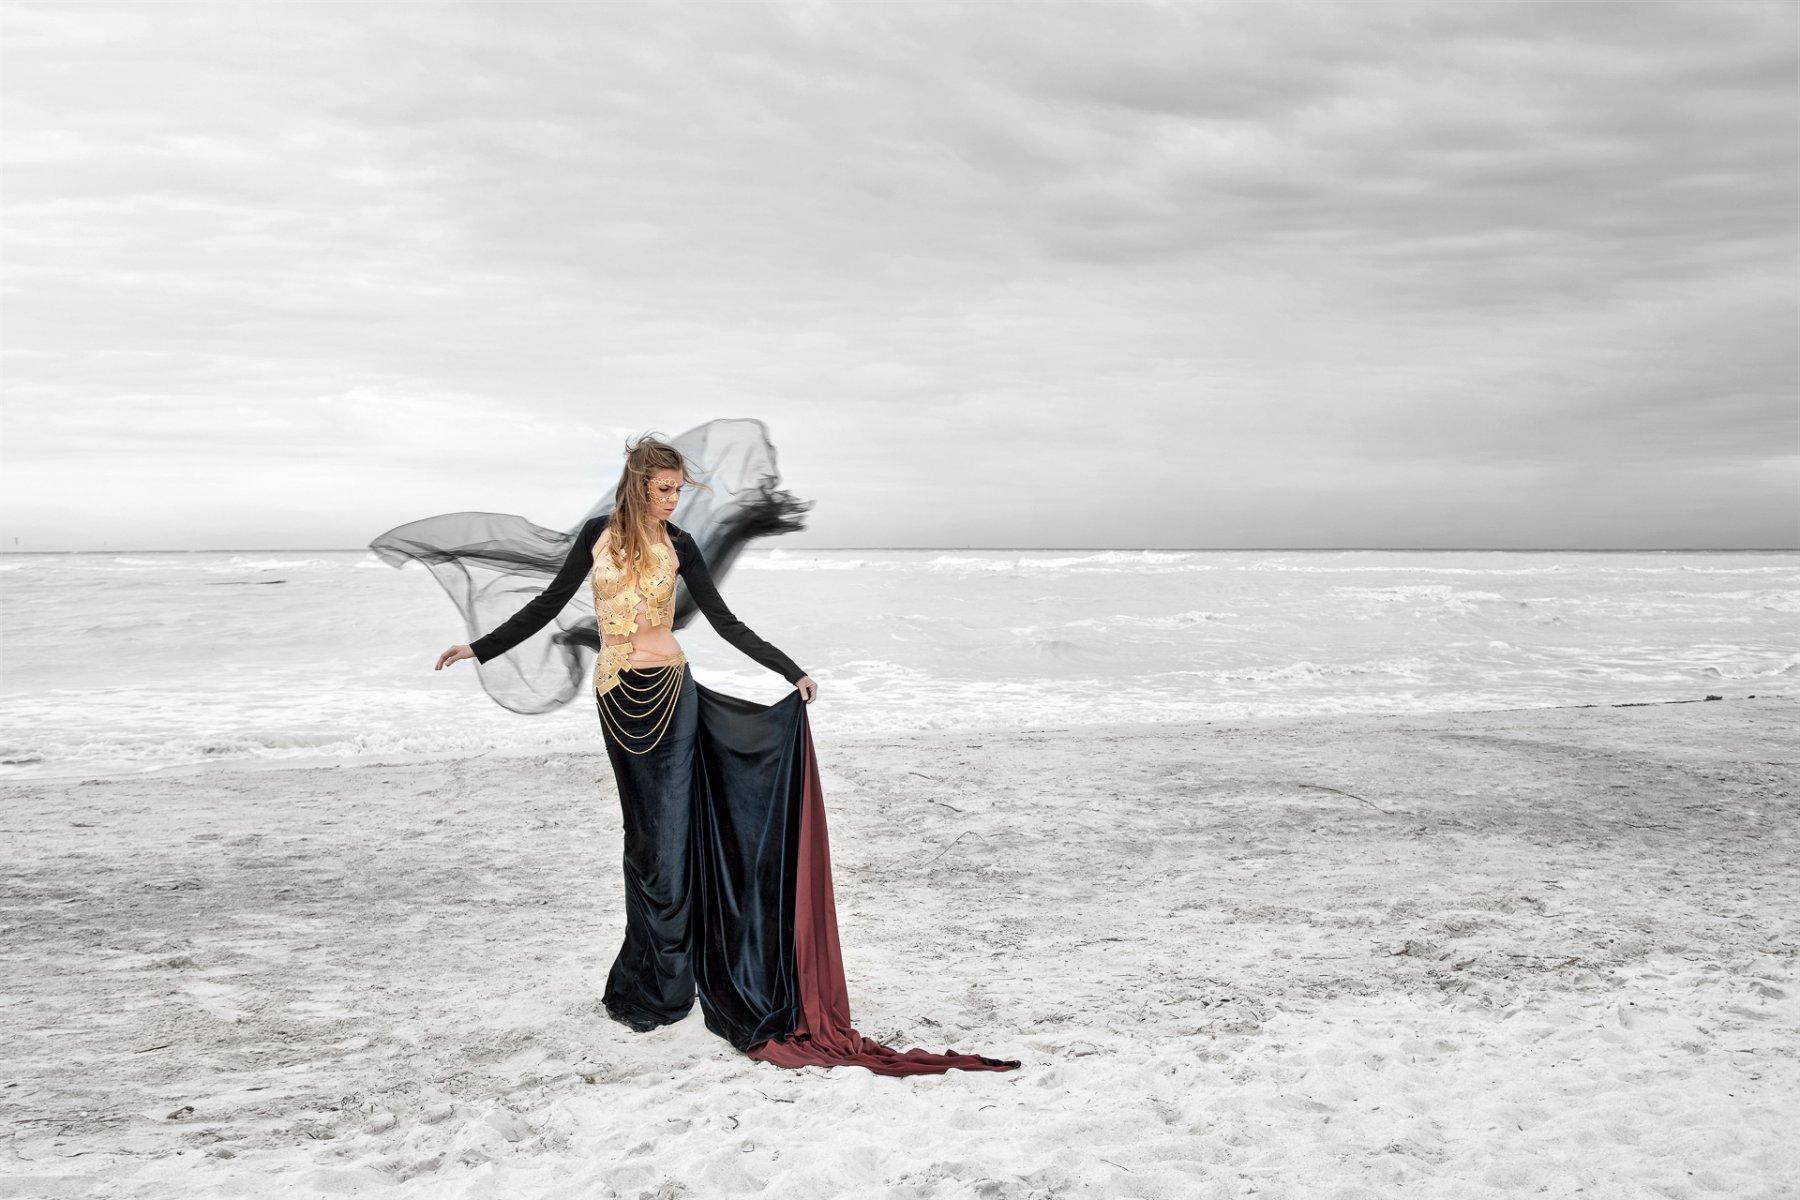 Sea-Queens-Idriss-Guelai-107 Fashion/Adv